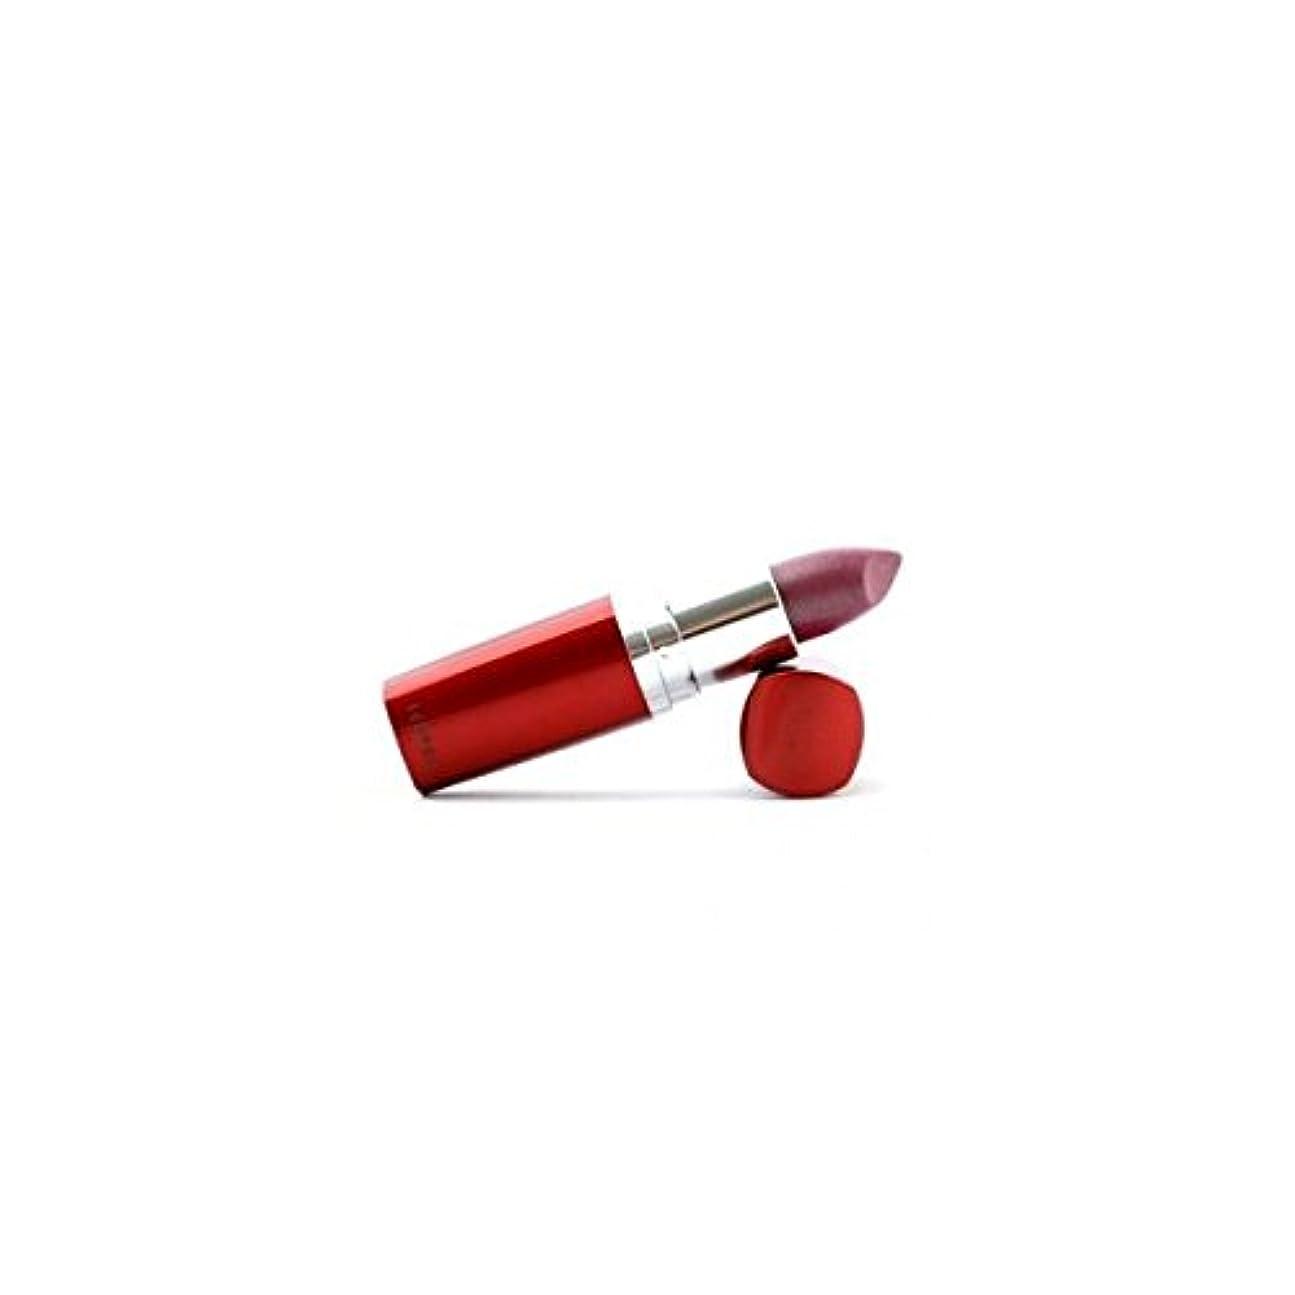 高尚な検索エンジン最適化漏斗Gemey Maybelline Lippenstift Hydra Extreme 640/226 Precious Purple